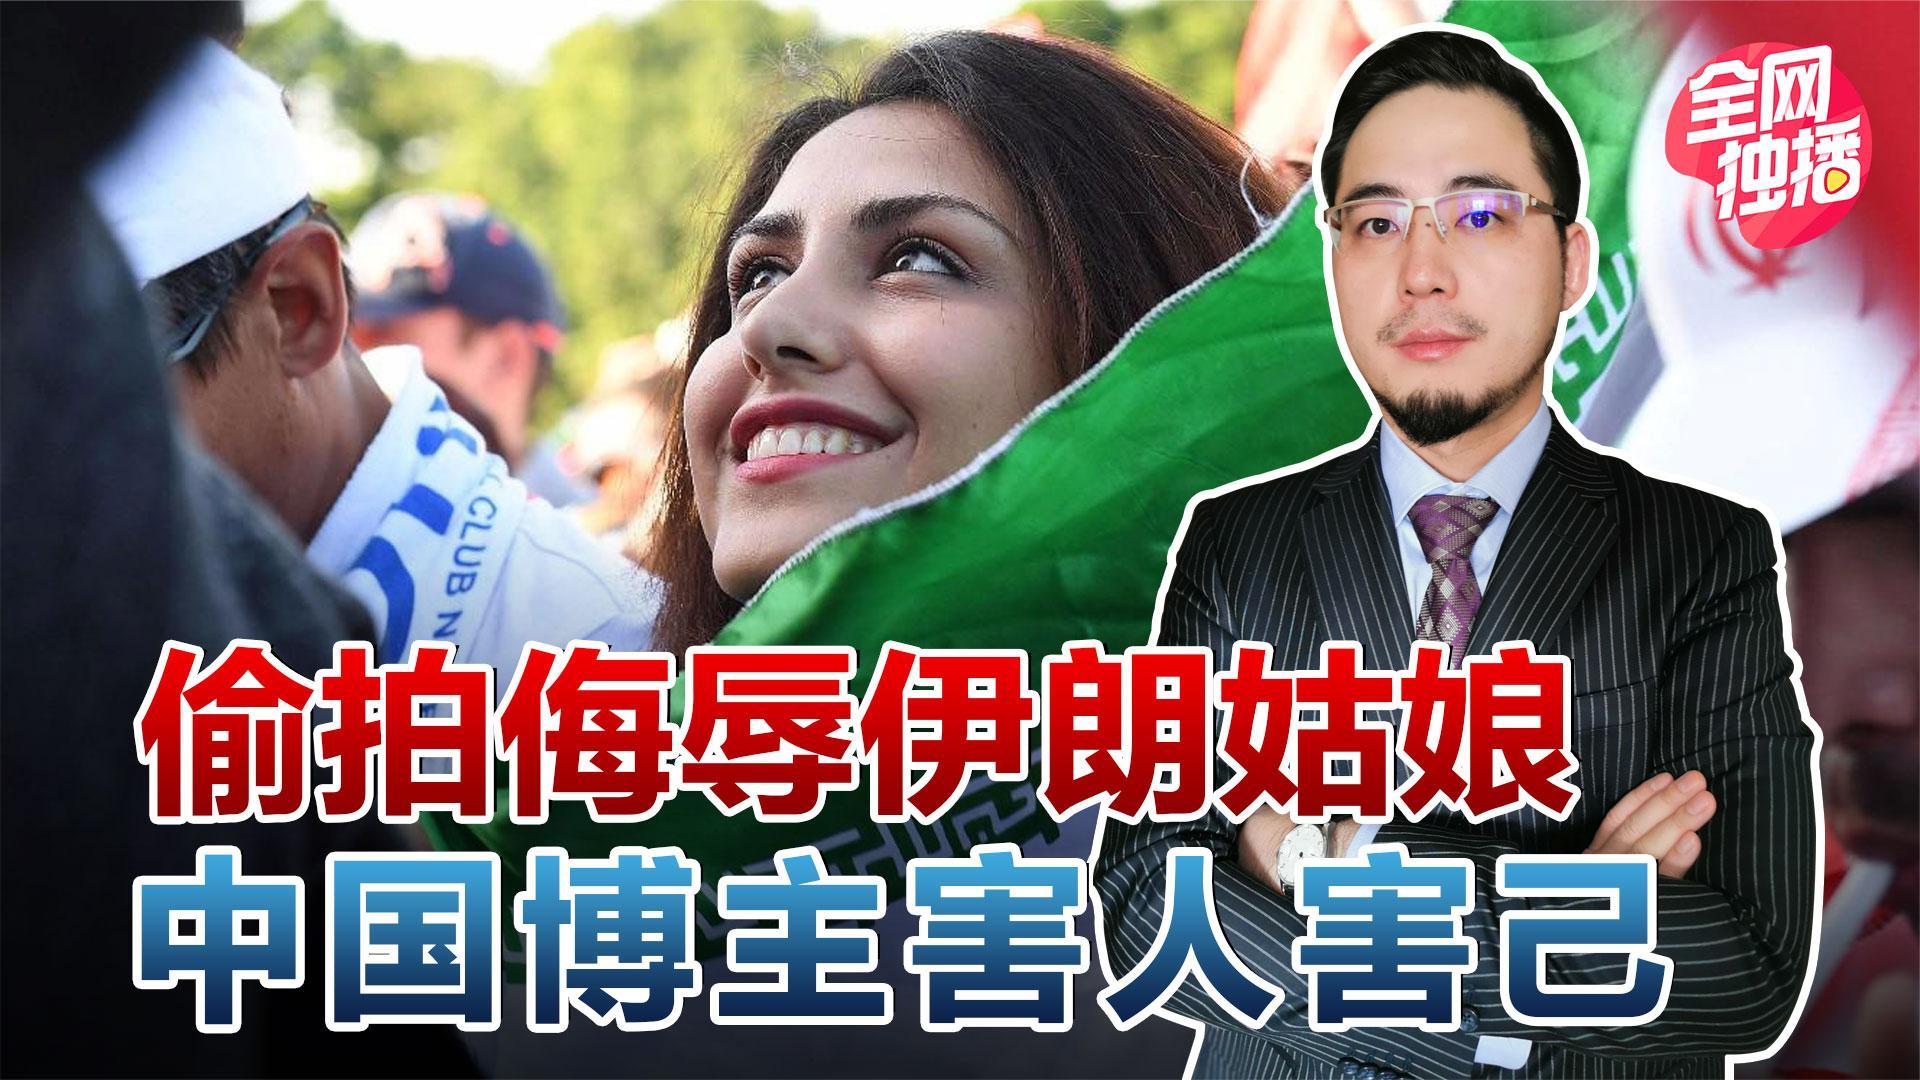 没有50美元搞不定的伊朗女孩 中国博主在伊朗言行引发伊朗强烈不满